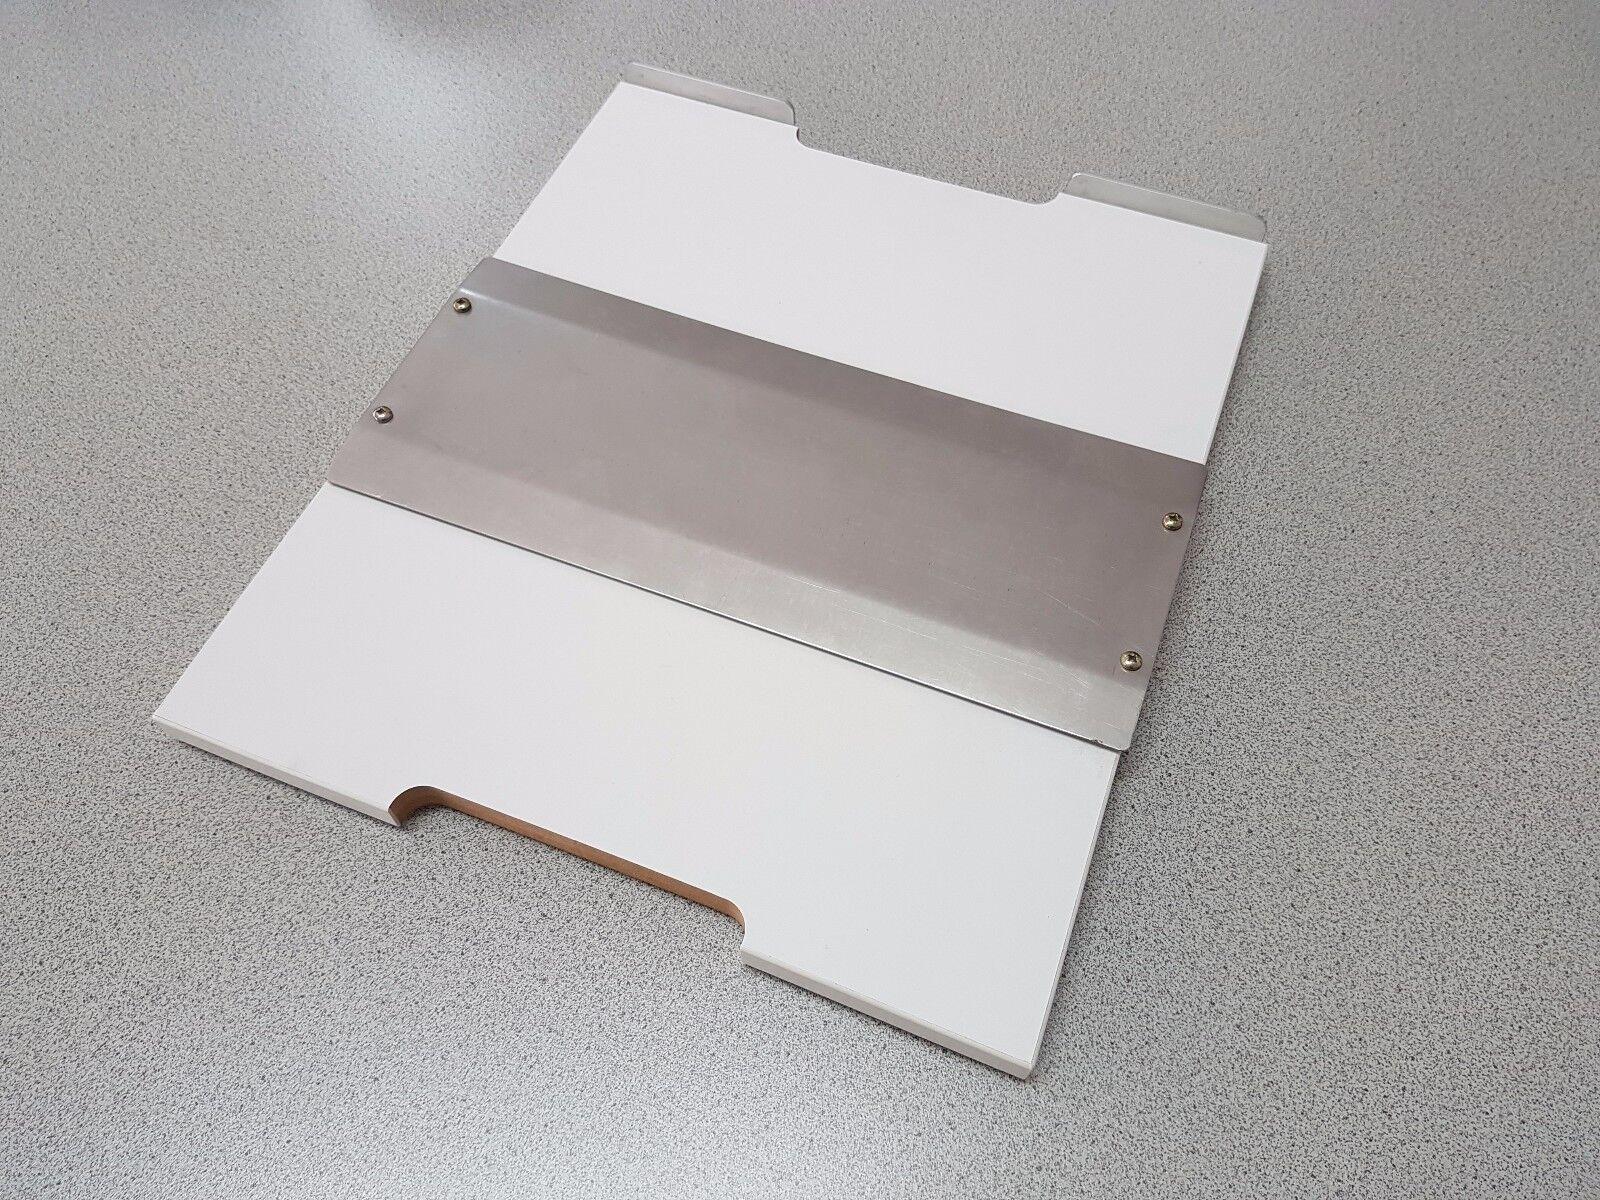 Falthilfe, Papier Papier Papier falten, Faltsystem, Briefe falten, Hilfsmittel | Neues Produkt  | Lassen Sie unsere Produkte in die Welt gehen  | Deutschland Outlet  de07f9